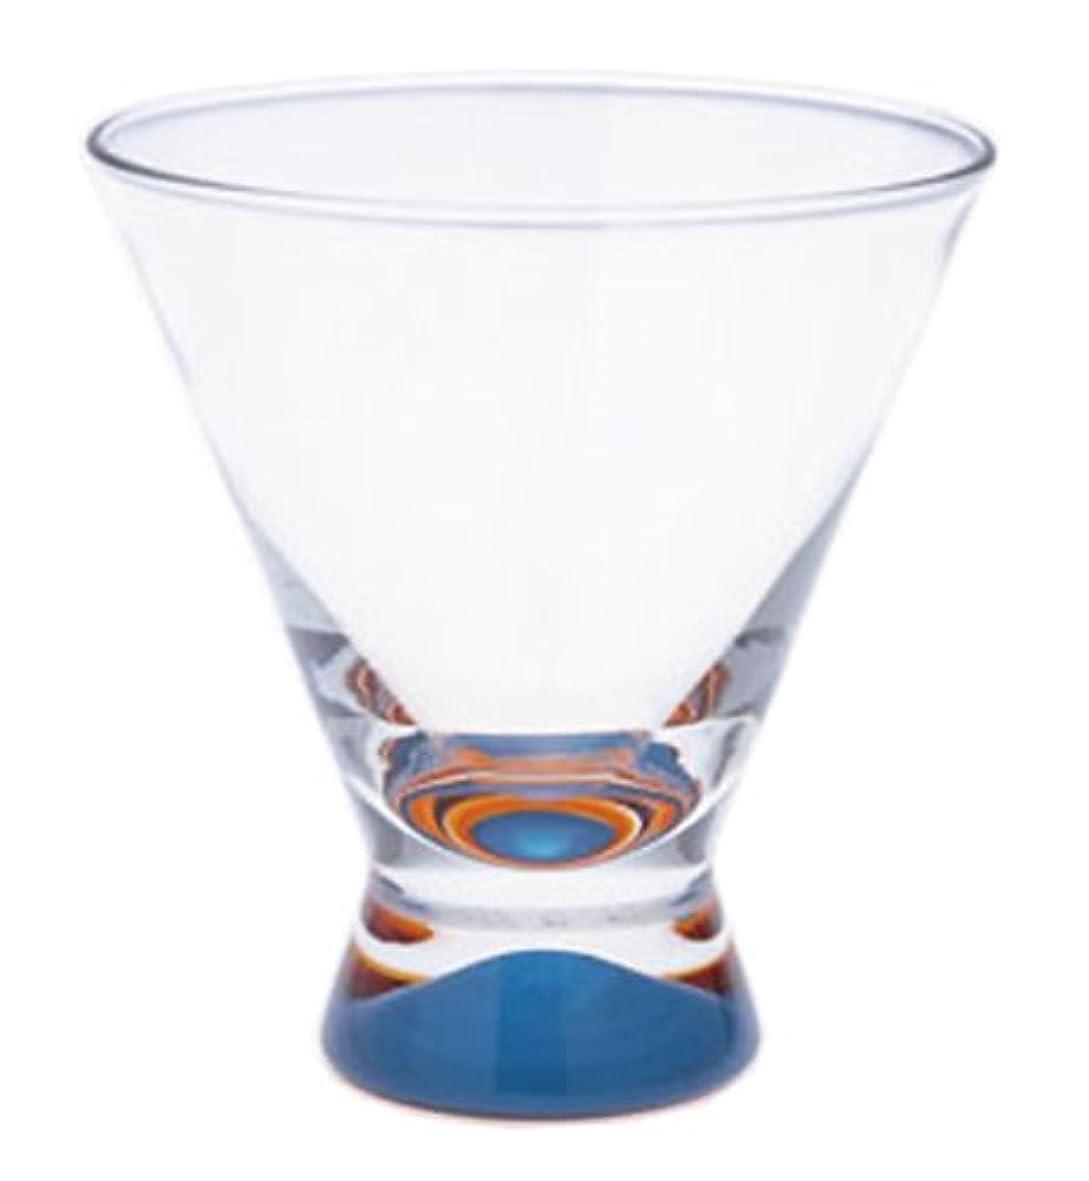 ハプニングストライドメロンDANSK ダンスク スペクトラ カクテルグラス 200ml ブルー 食洗器不可 6309744